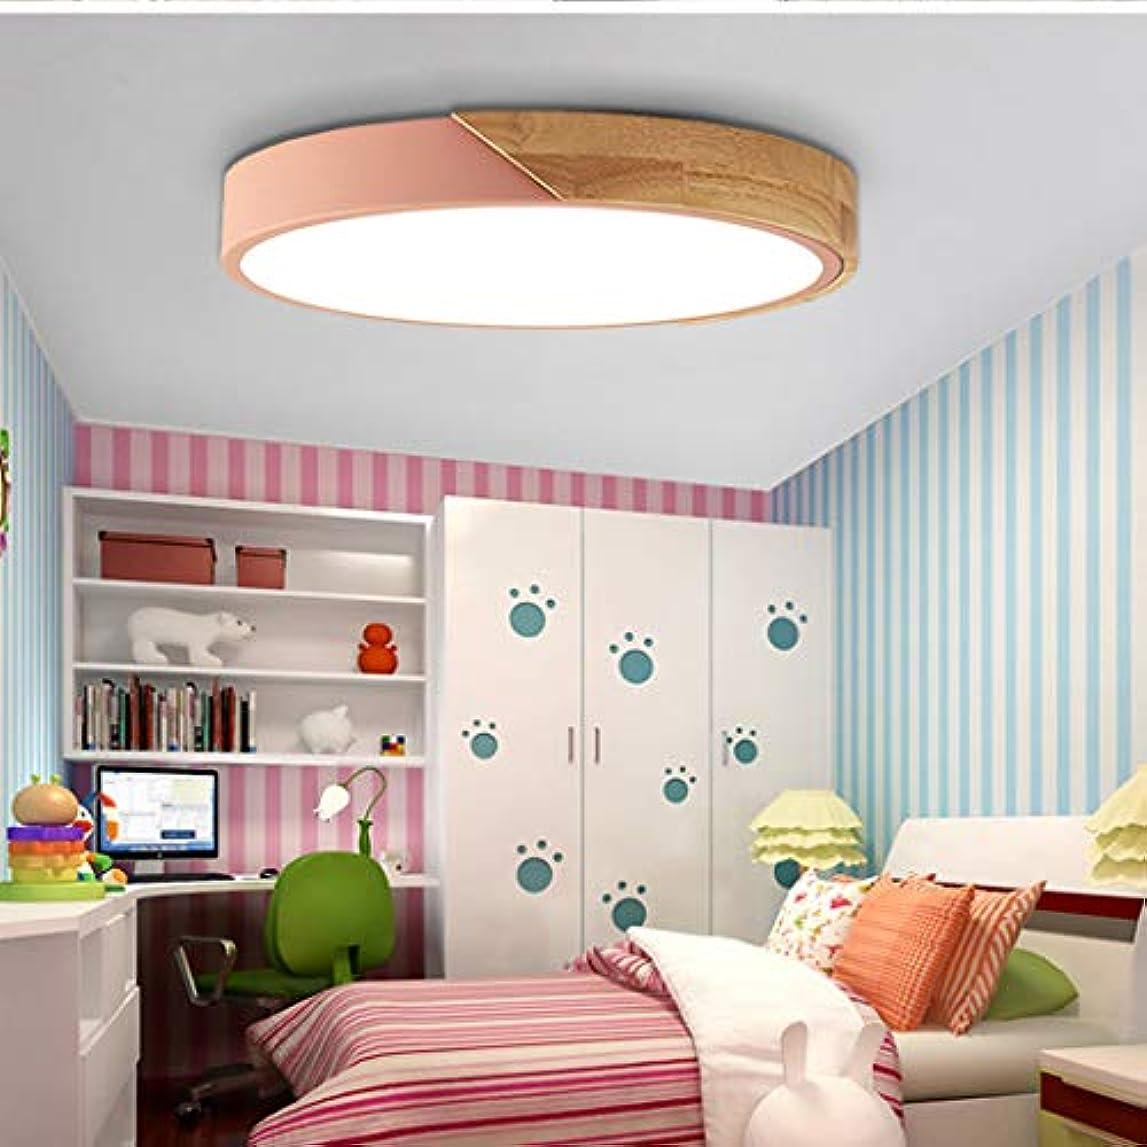 オーストラリア人オゾン雇用者リビングルームのための50CMラウンドLEDシーリングランプ、現代的でエレガントなデザインスタイルは、適した、木製シンプルモダンなスタイル、,Whitelight